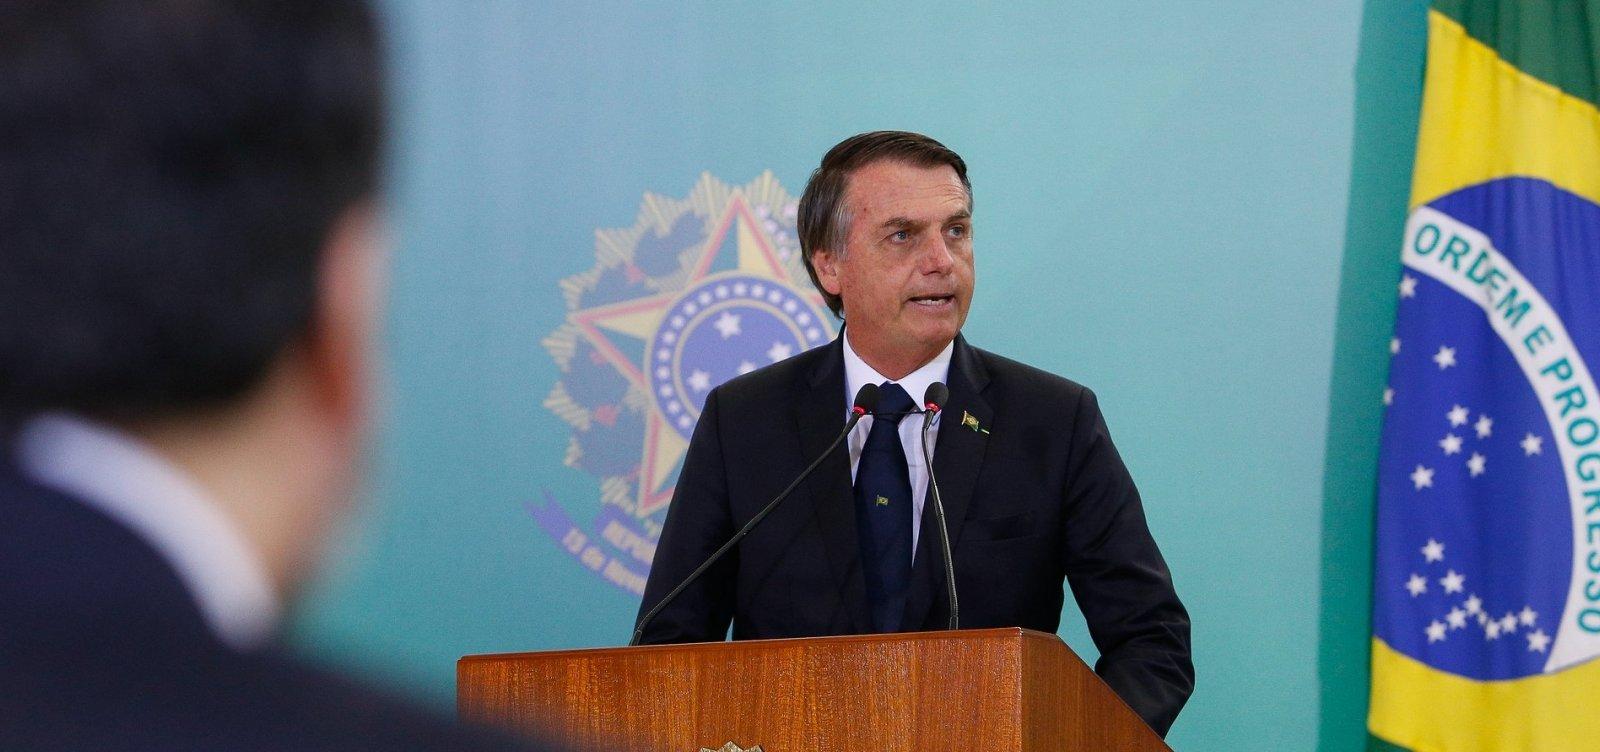 [Bolsonaro veta projeto que obrigava comércios a informarem que não aceitam cheque]